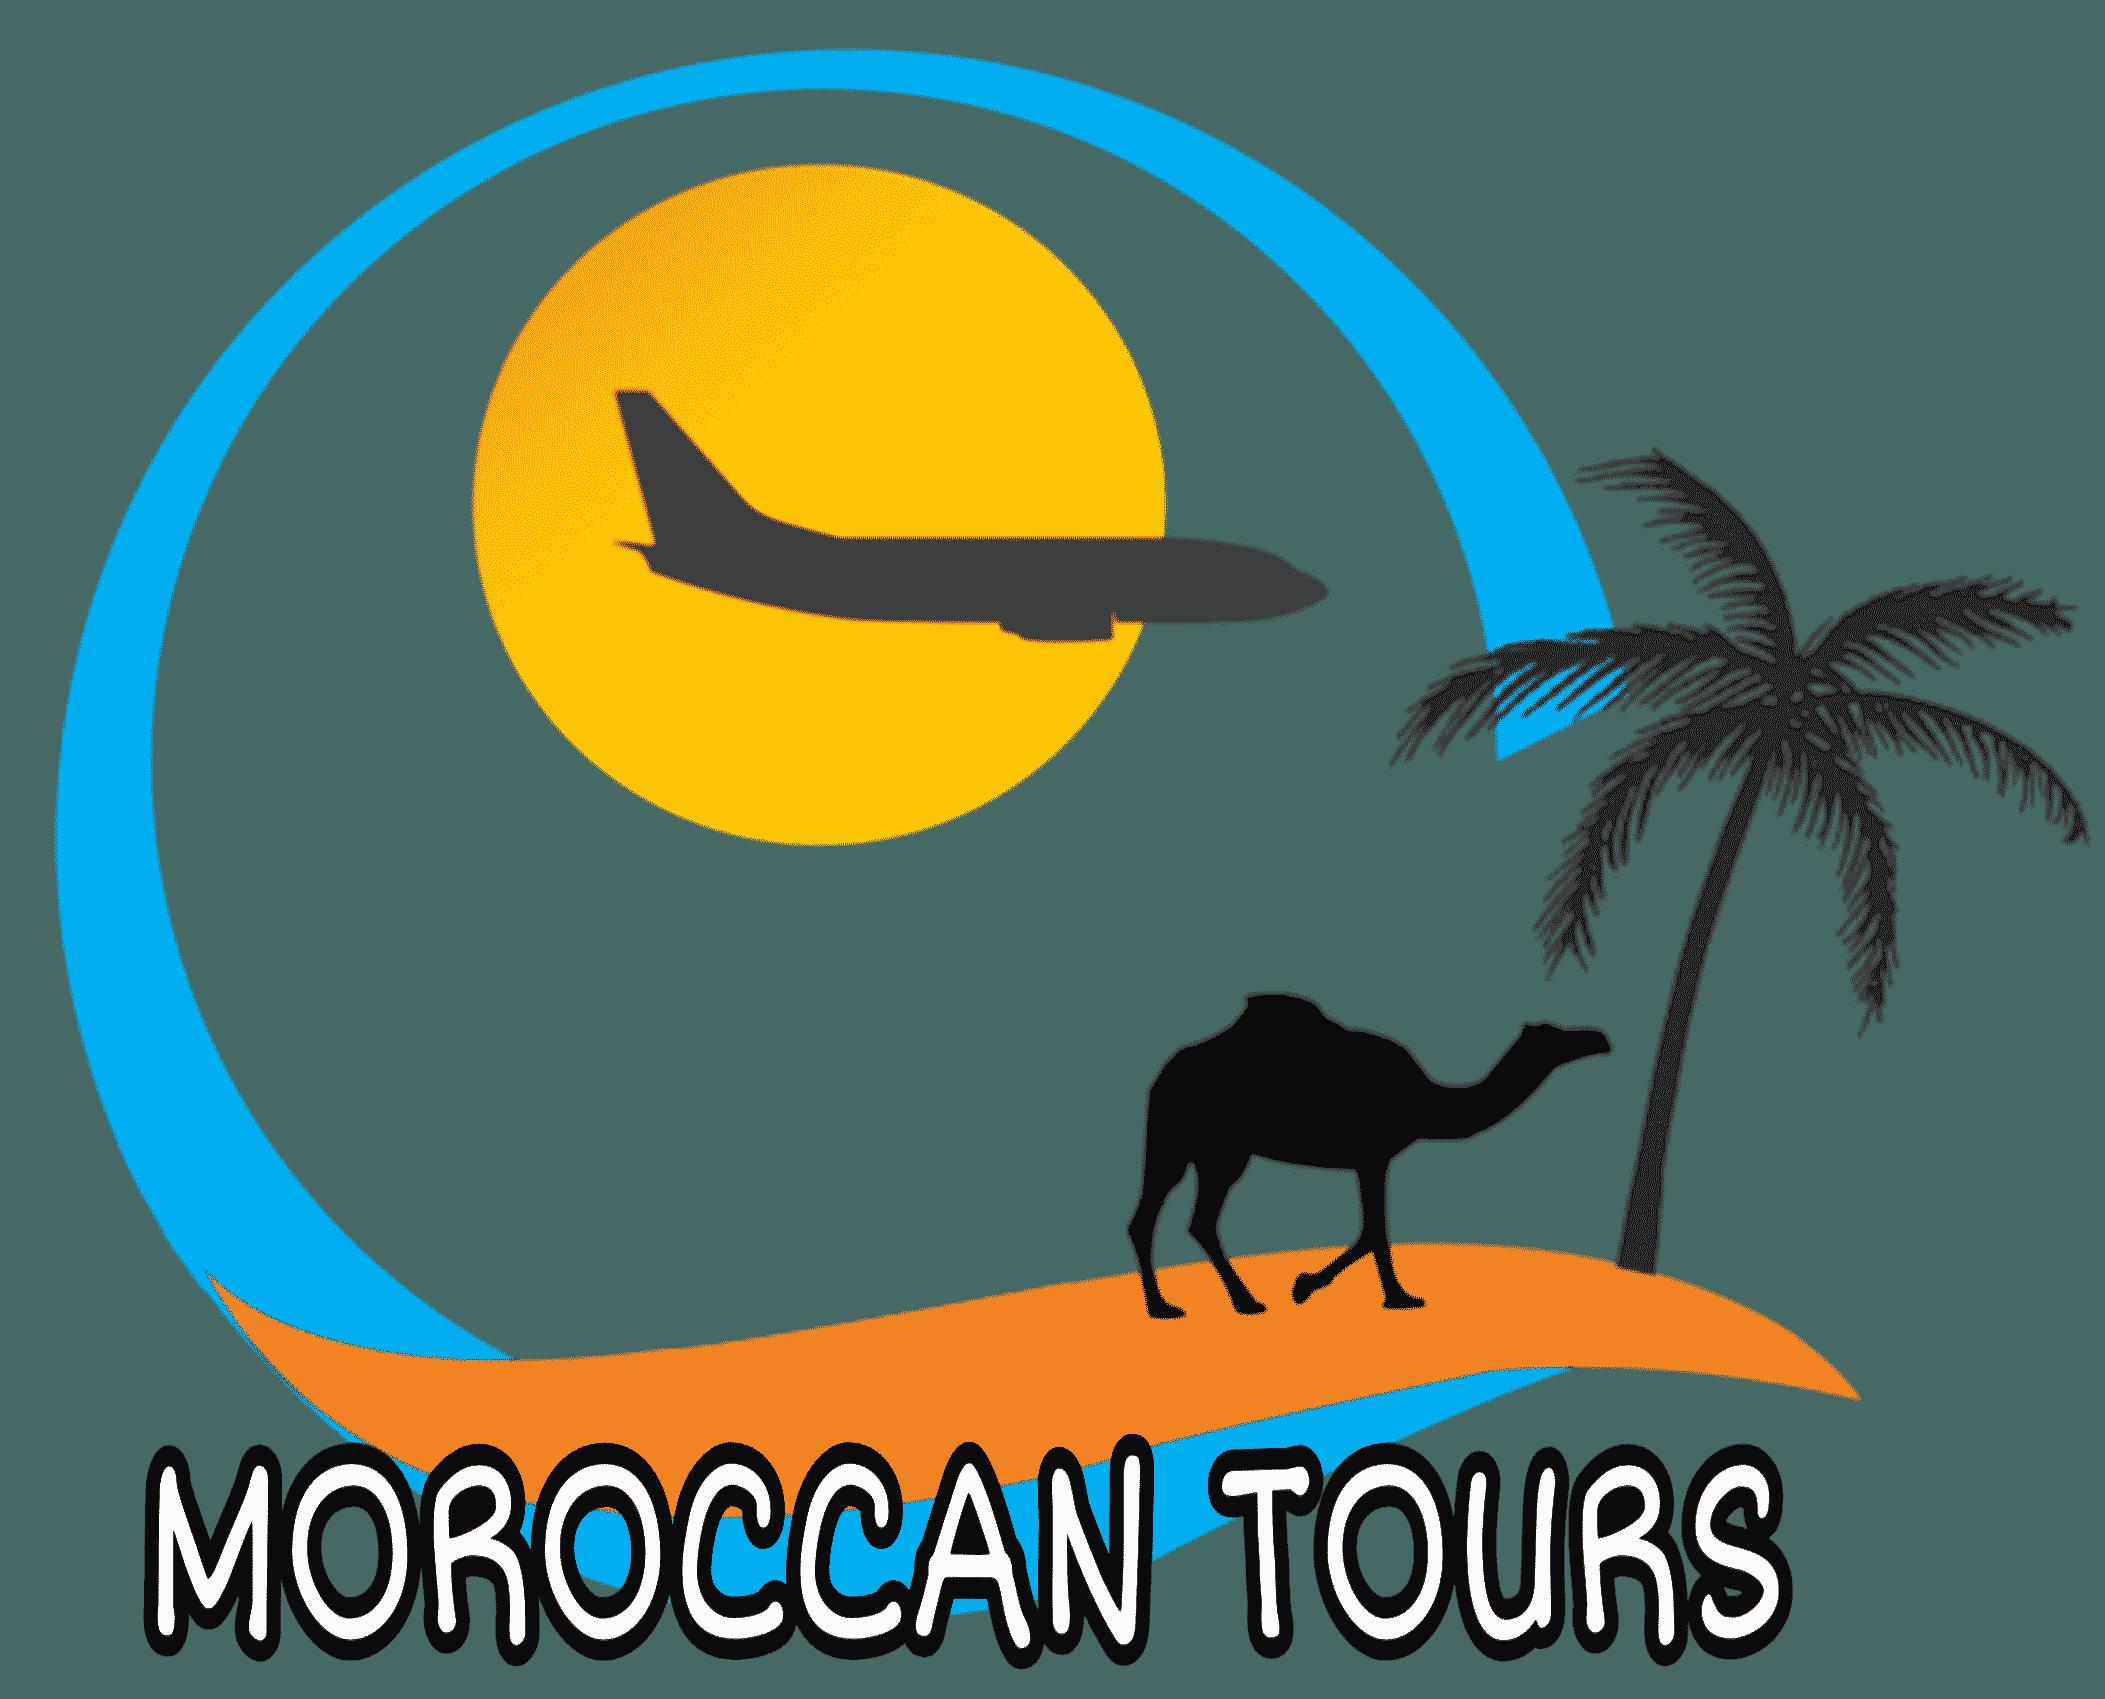 Moroccan tours / Morocco tours company